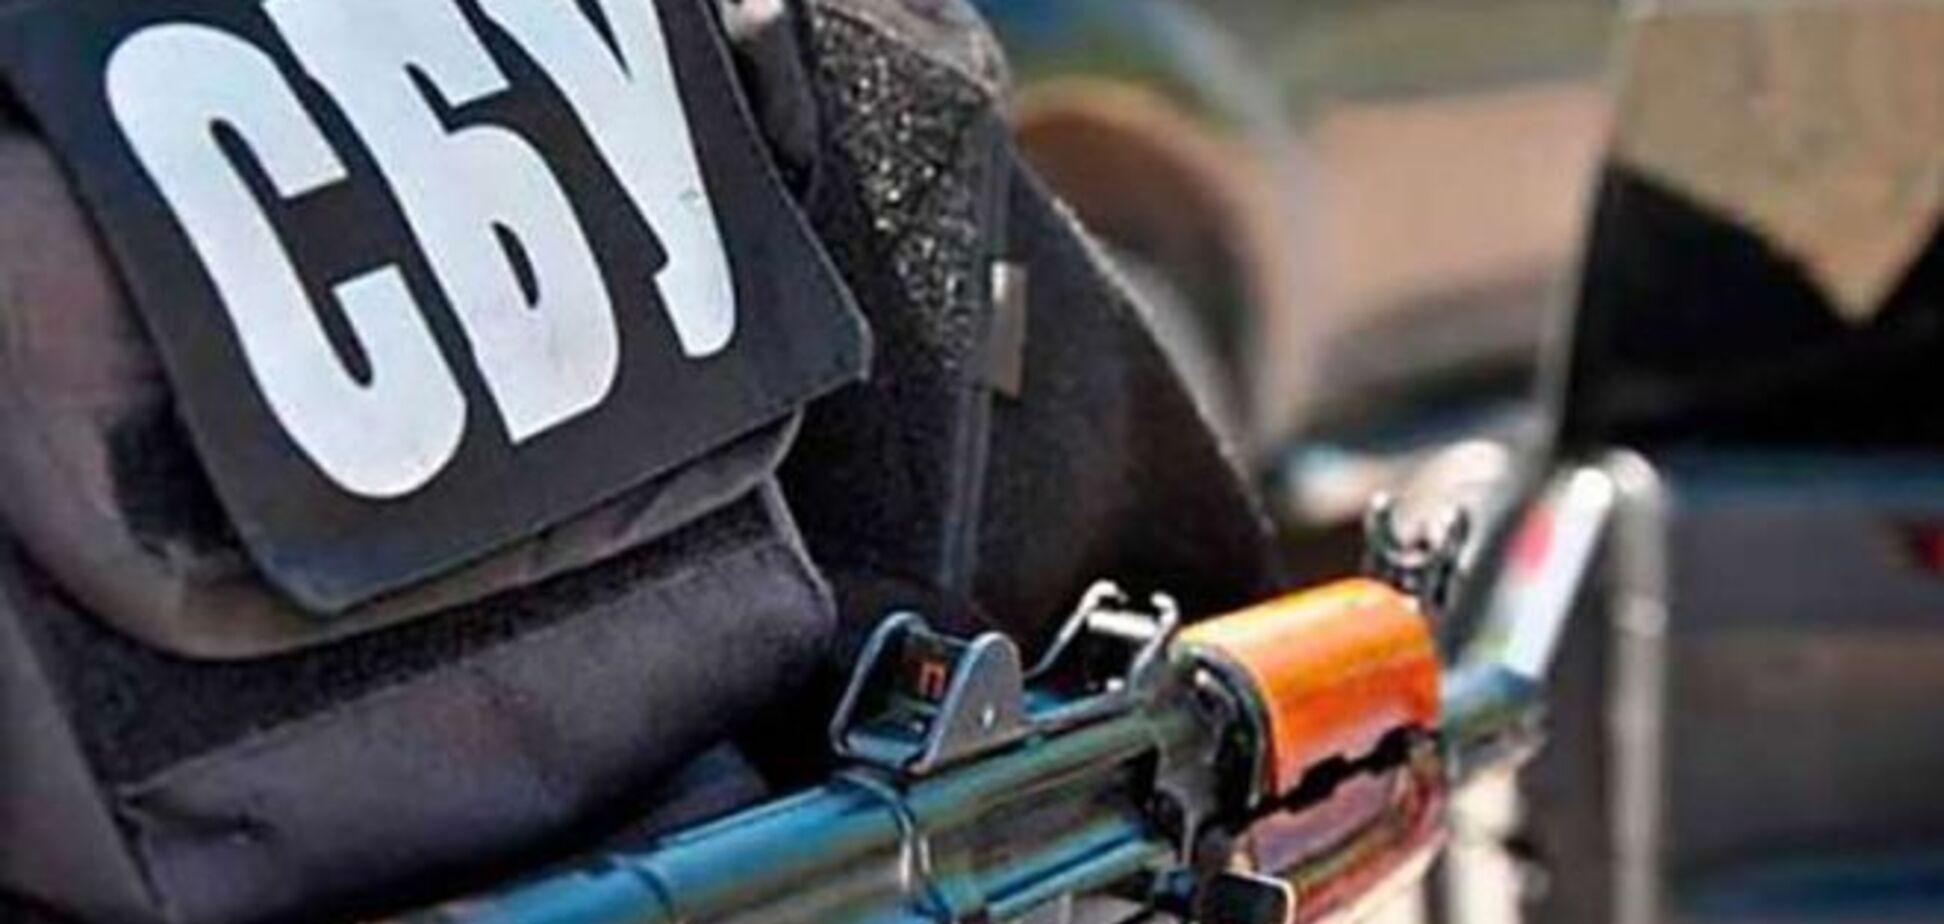 СБУ задержала представителя спецслужб России, прибывшего в Украину вместе с 'гумконвоем'